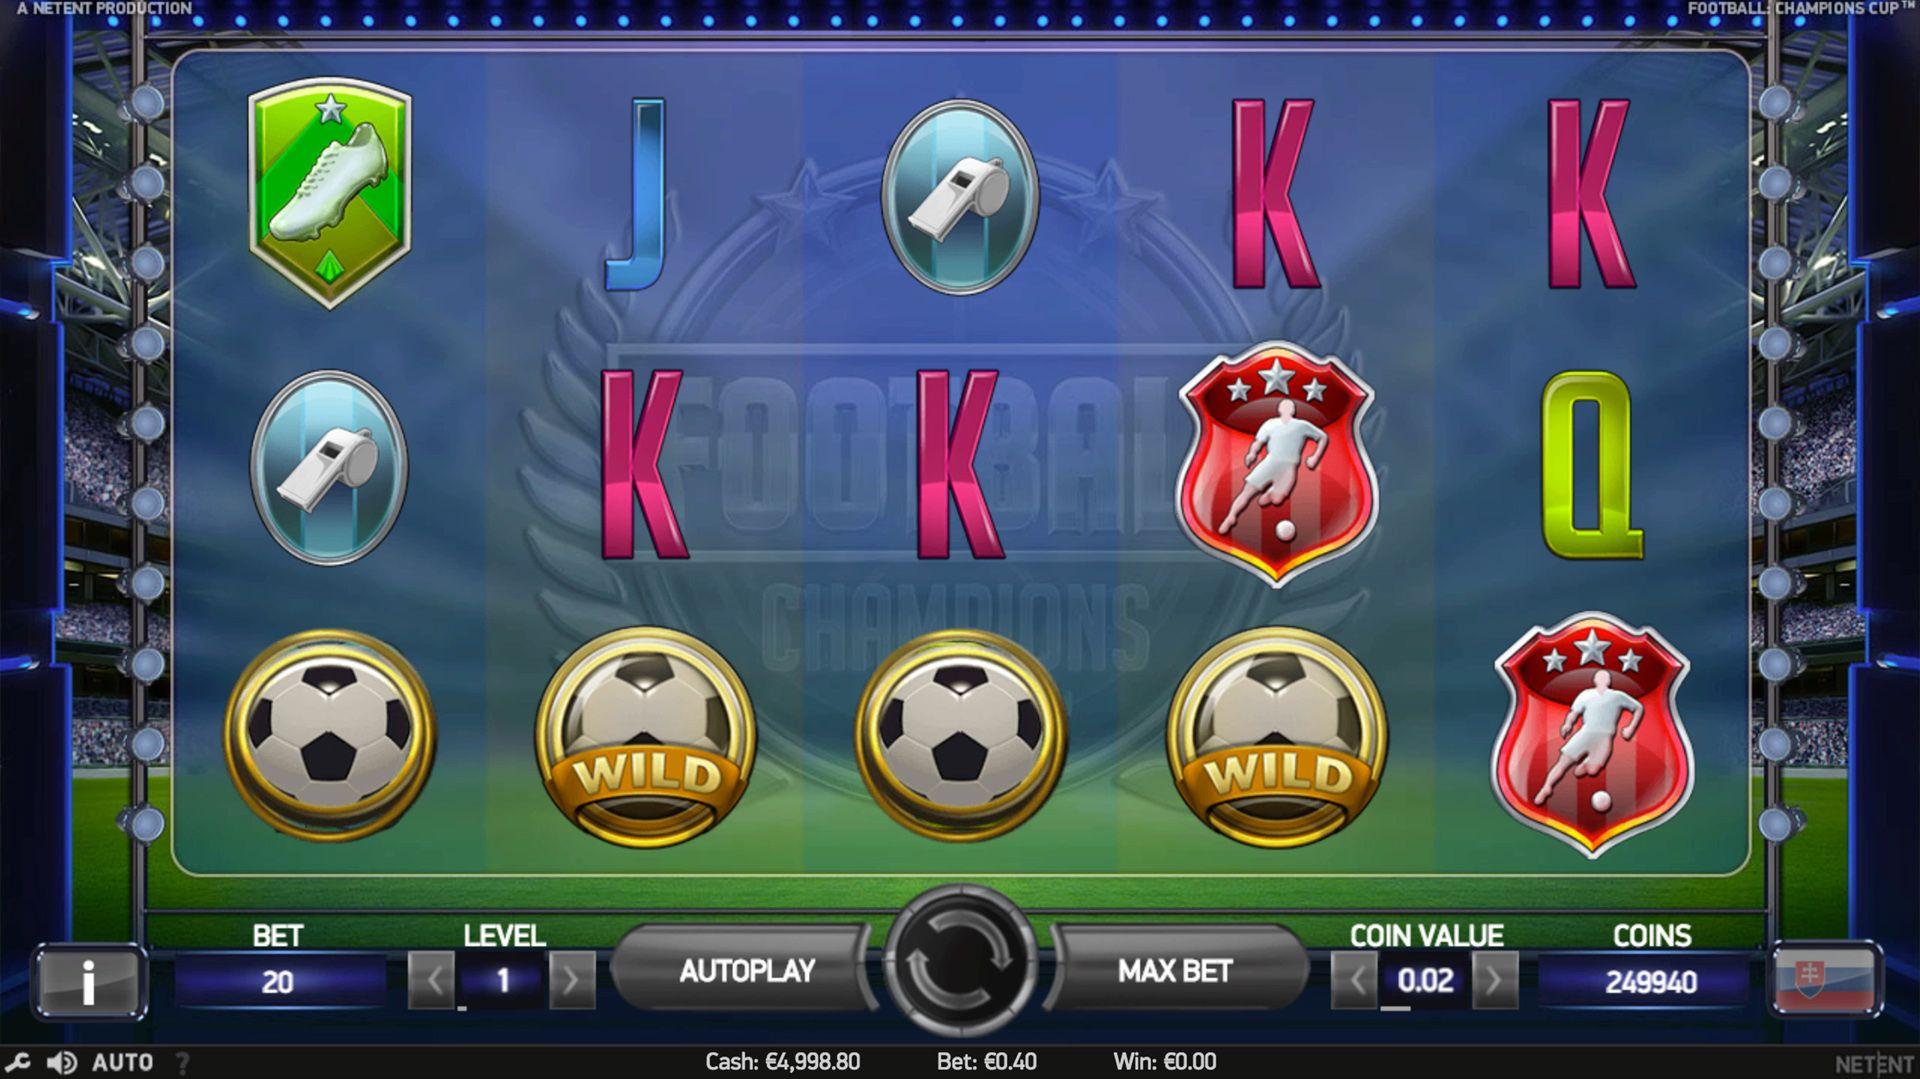 Casino spel populära 888 1763